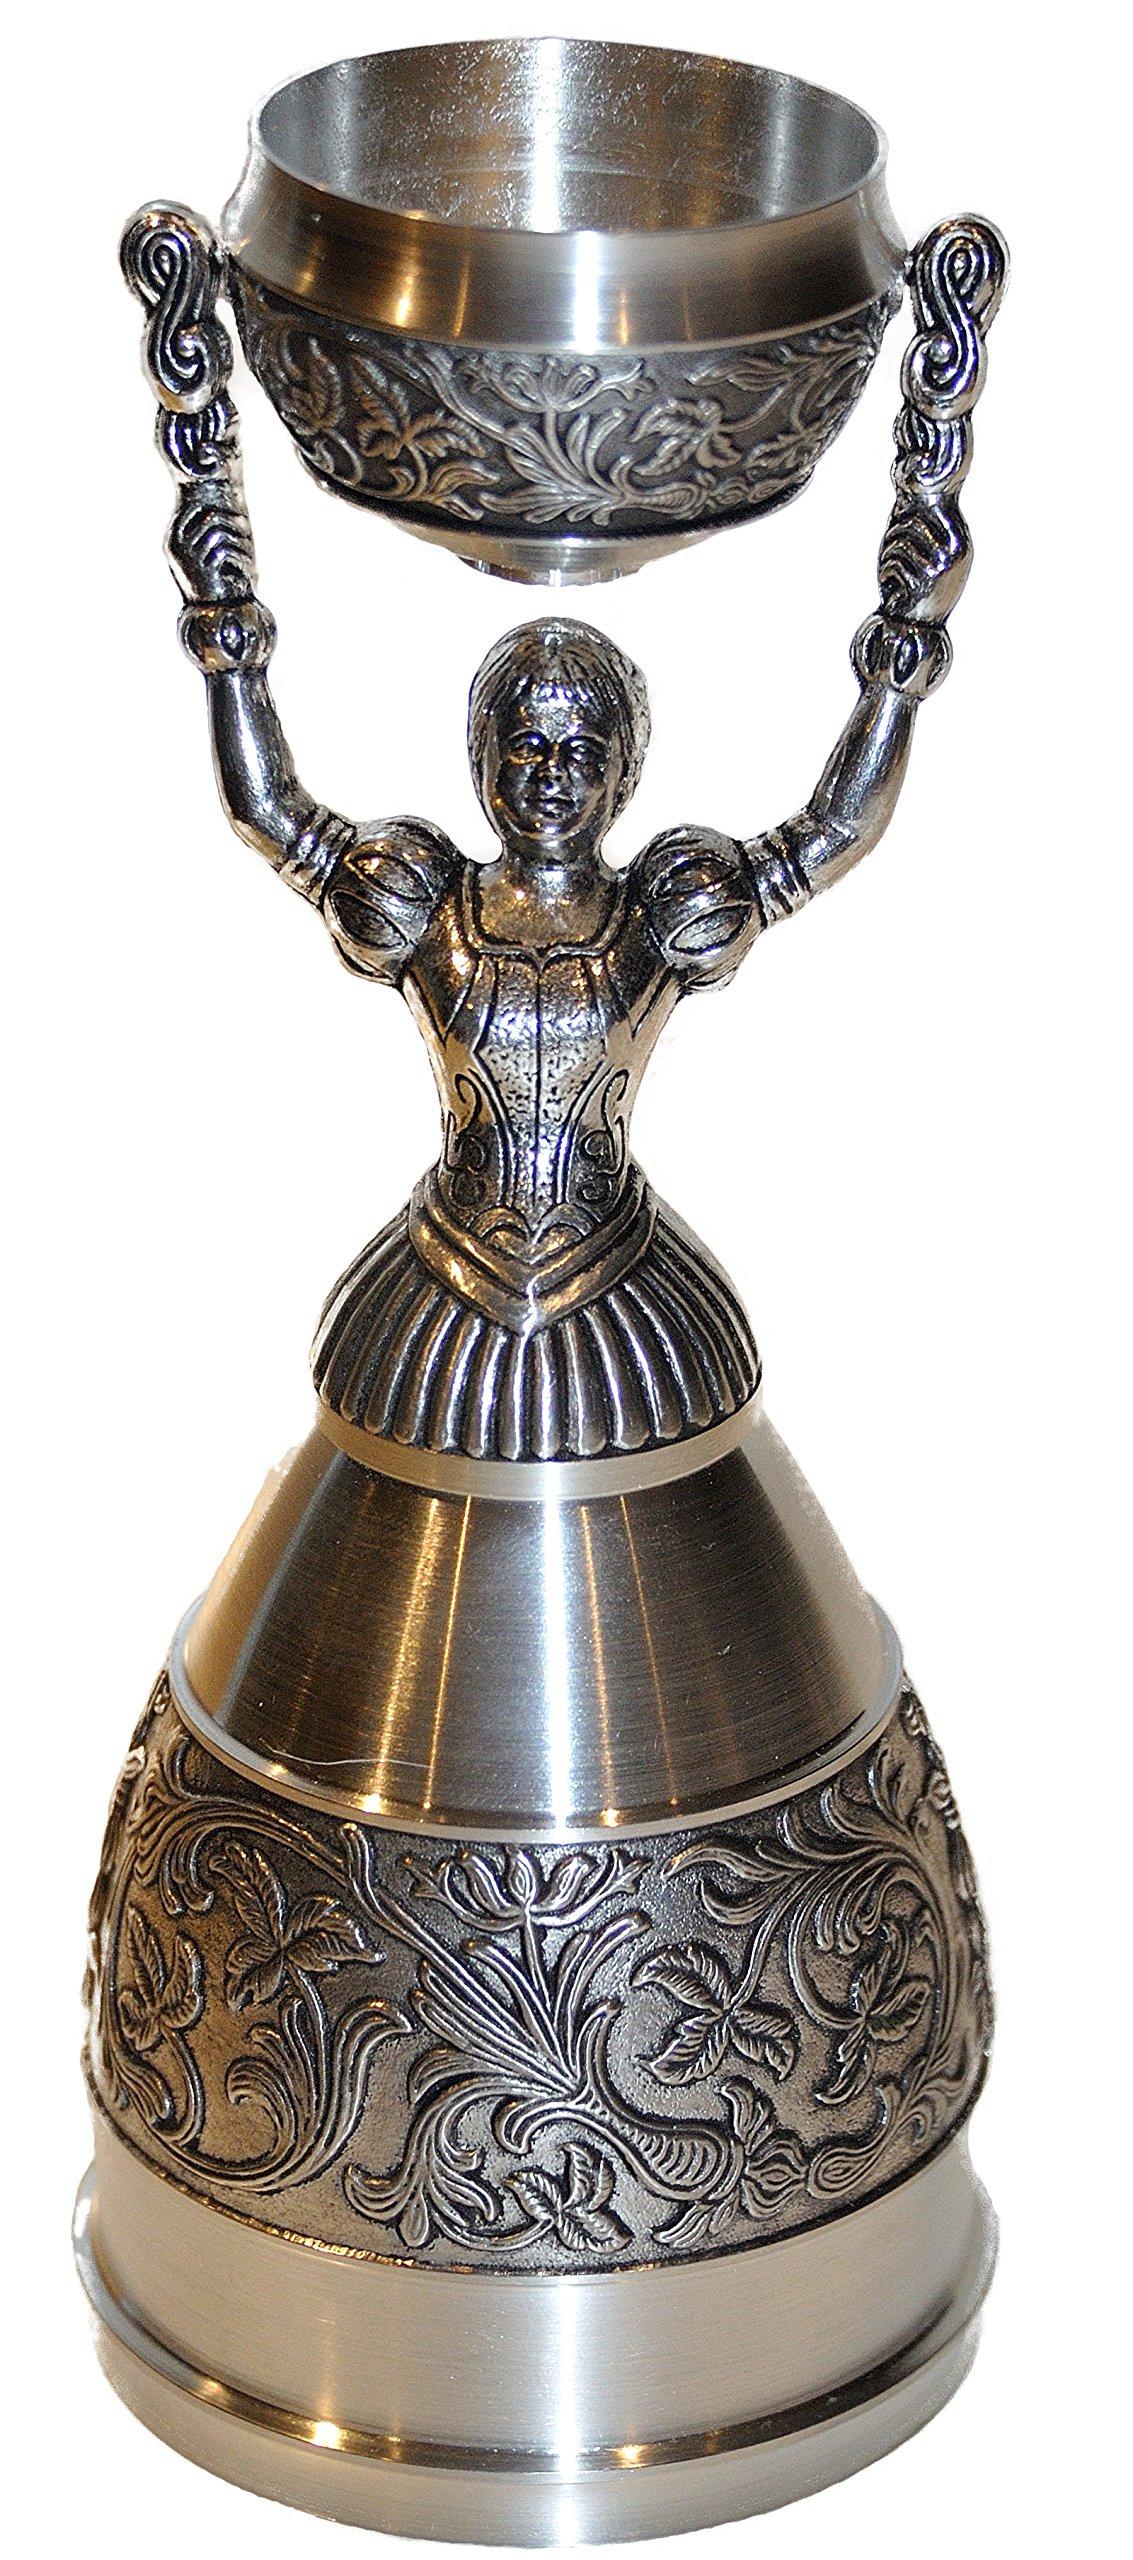 Nuremberg Bridal Cup (aka.. Nuremberg Wedding Cup) Full Pewter by KING